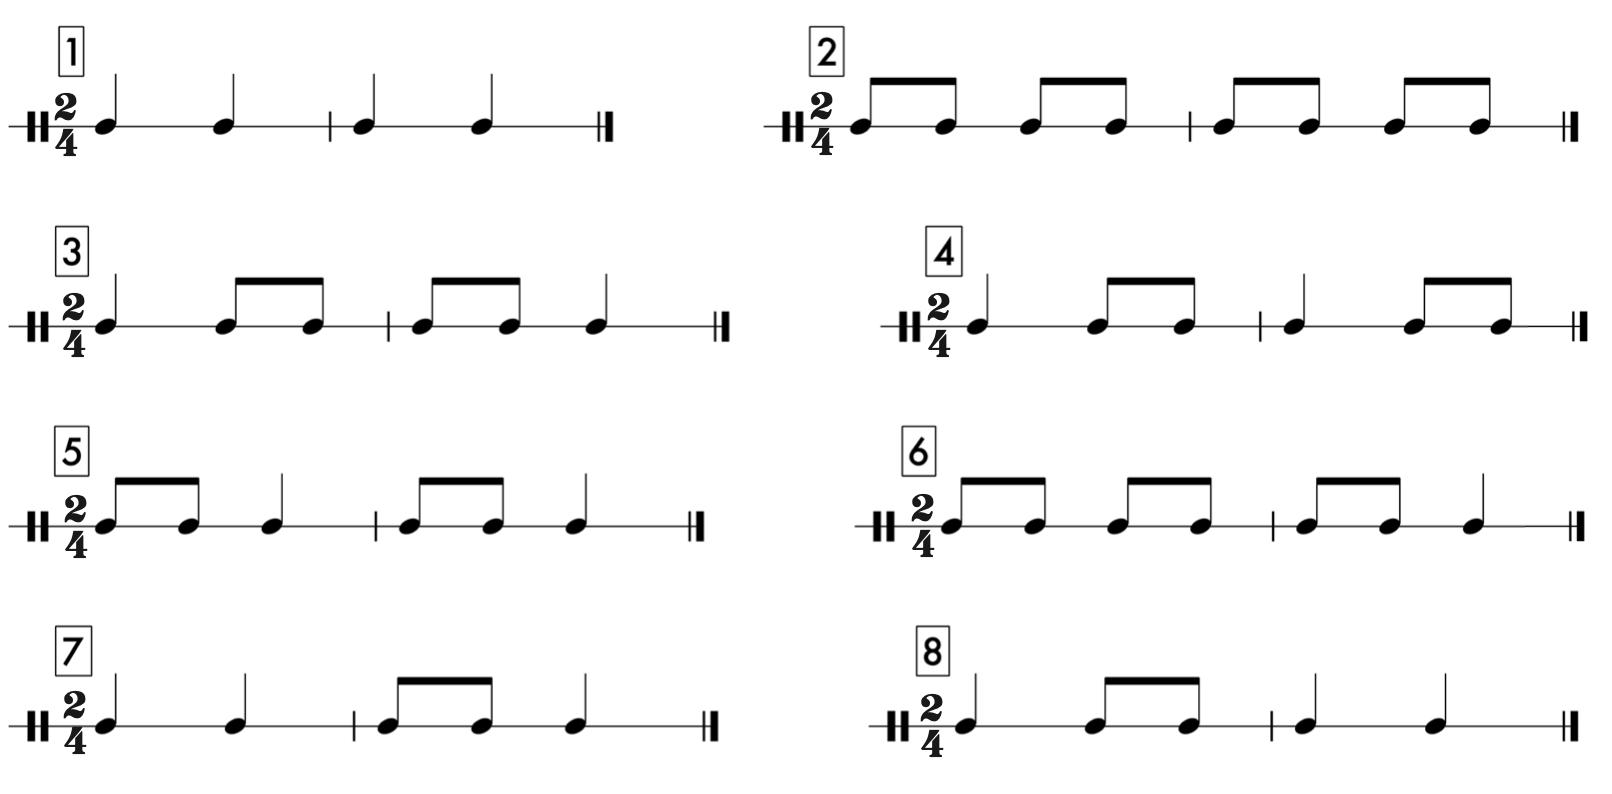 24 Familiar Macro Micro Patterns - Rhythm Cells and Rhythm Patterns in 2/4